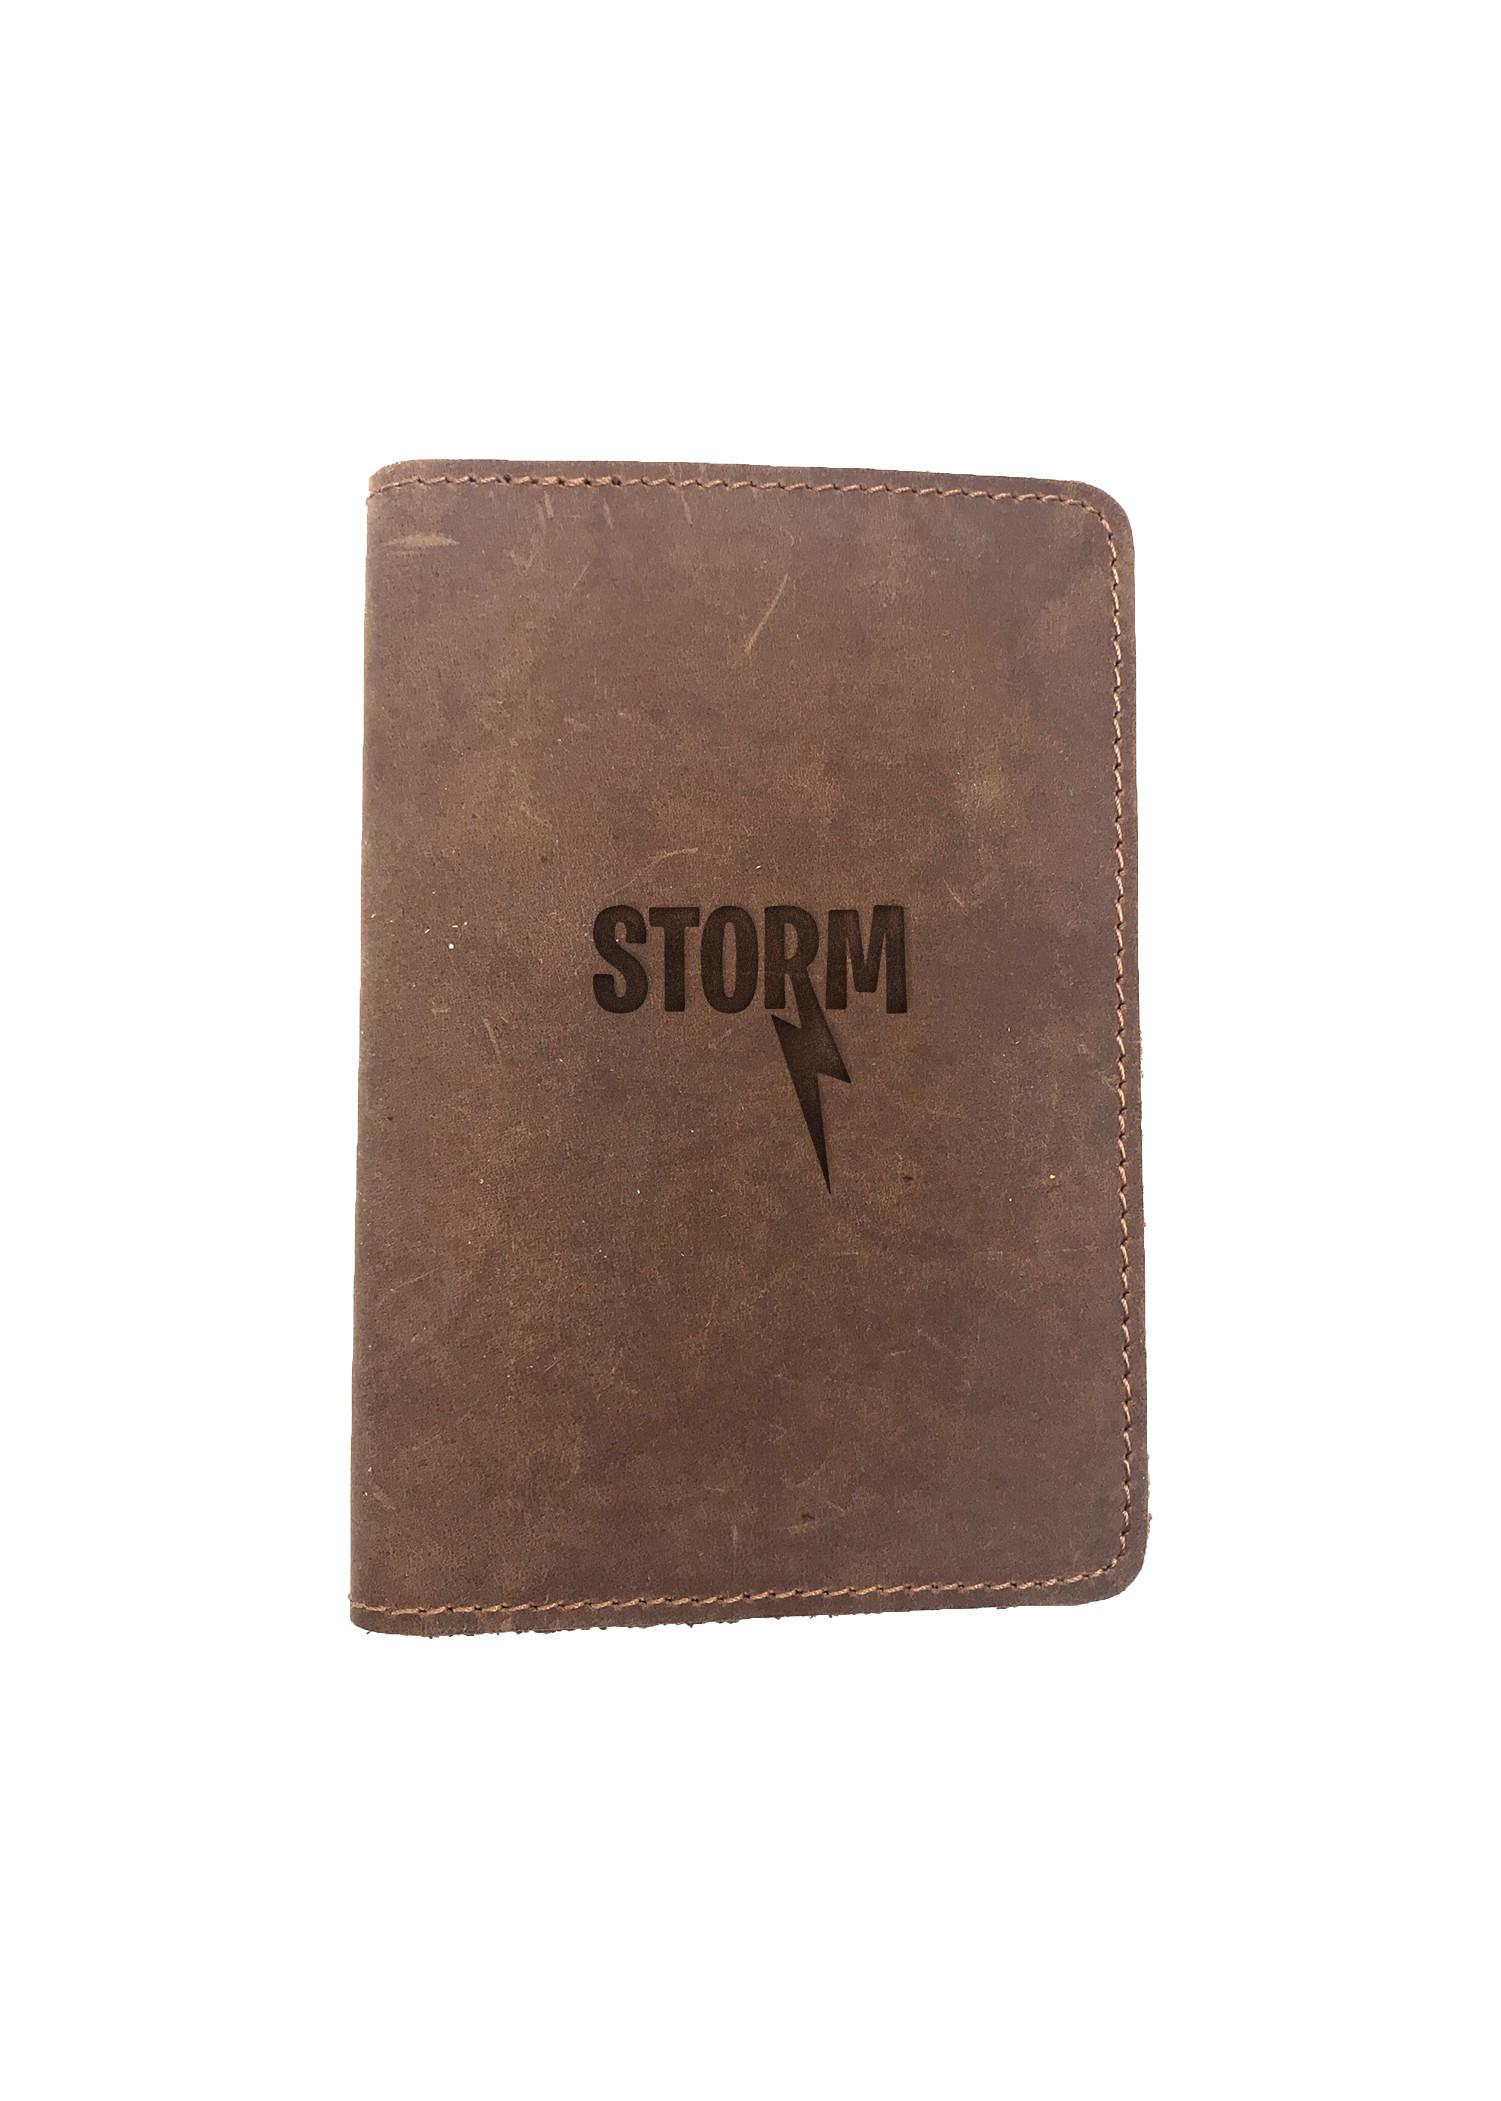 Passport Cover Bao Da Hộ Chiếu Da Sáp Khắc Hình Bão STORM (BROWN)